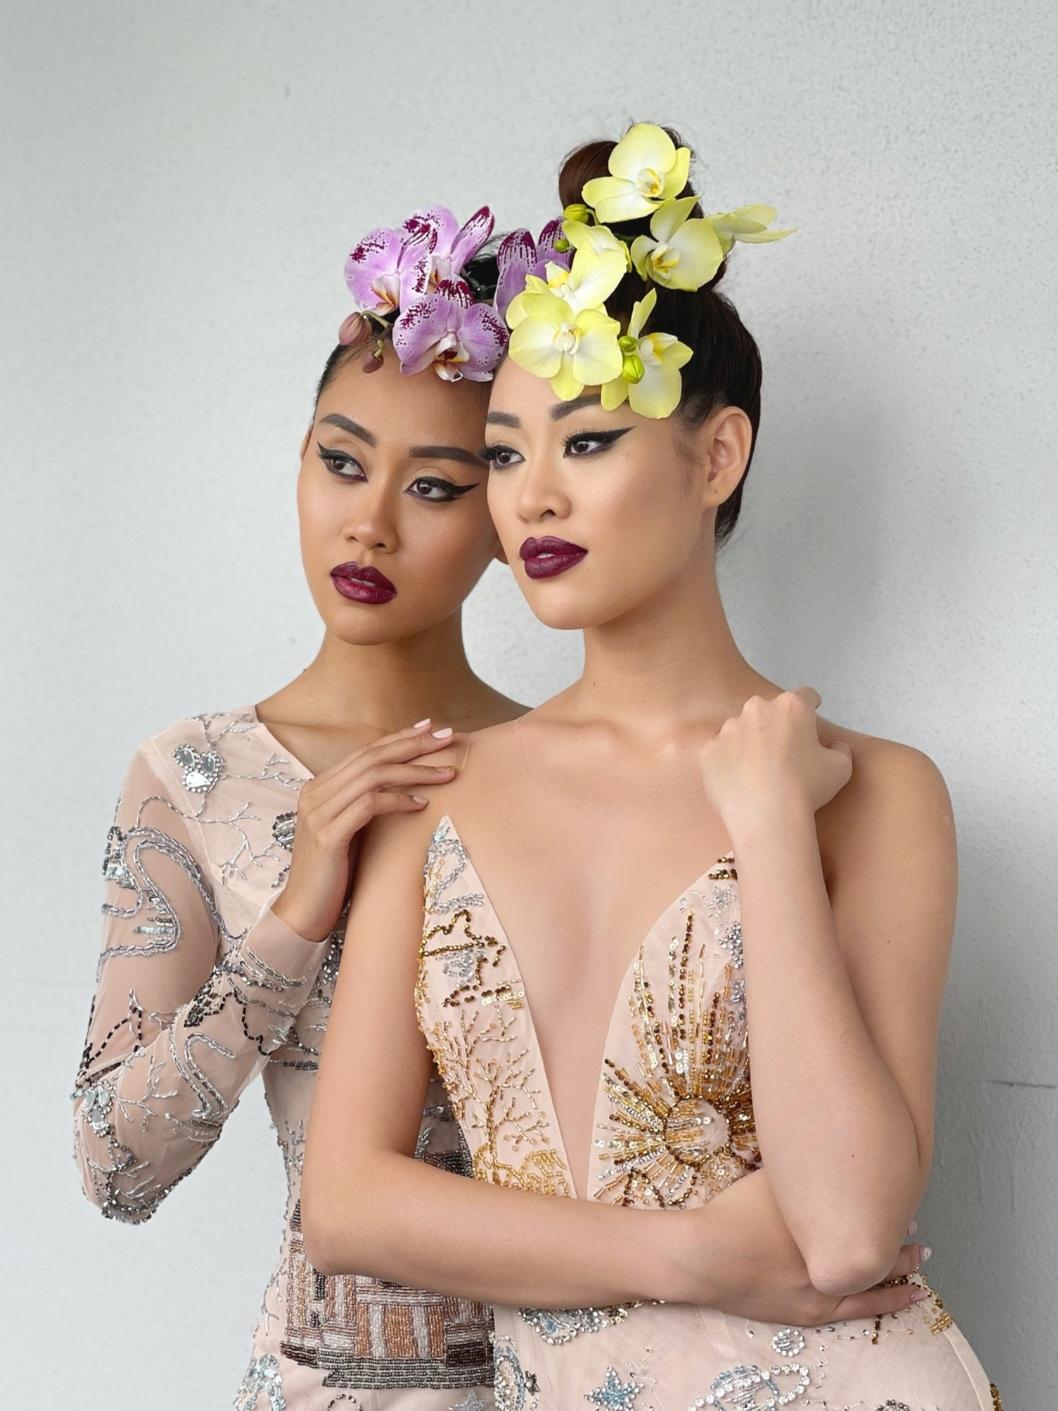 Screenshot 20210530 135230 Hậu trường bộ ảnh đặc biệt tại Mỹ: Hoa hậu Khánh Vân kết hợp cùng Hoa hậu Malaysia